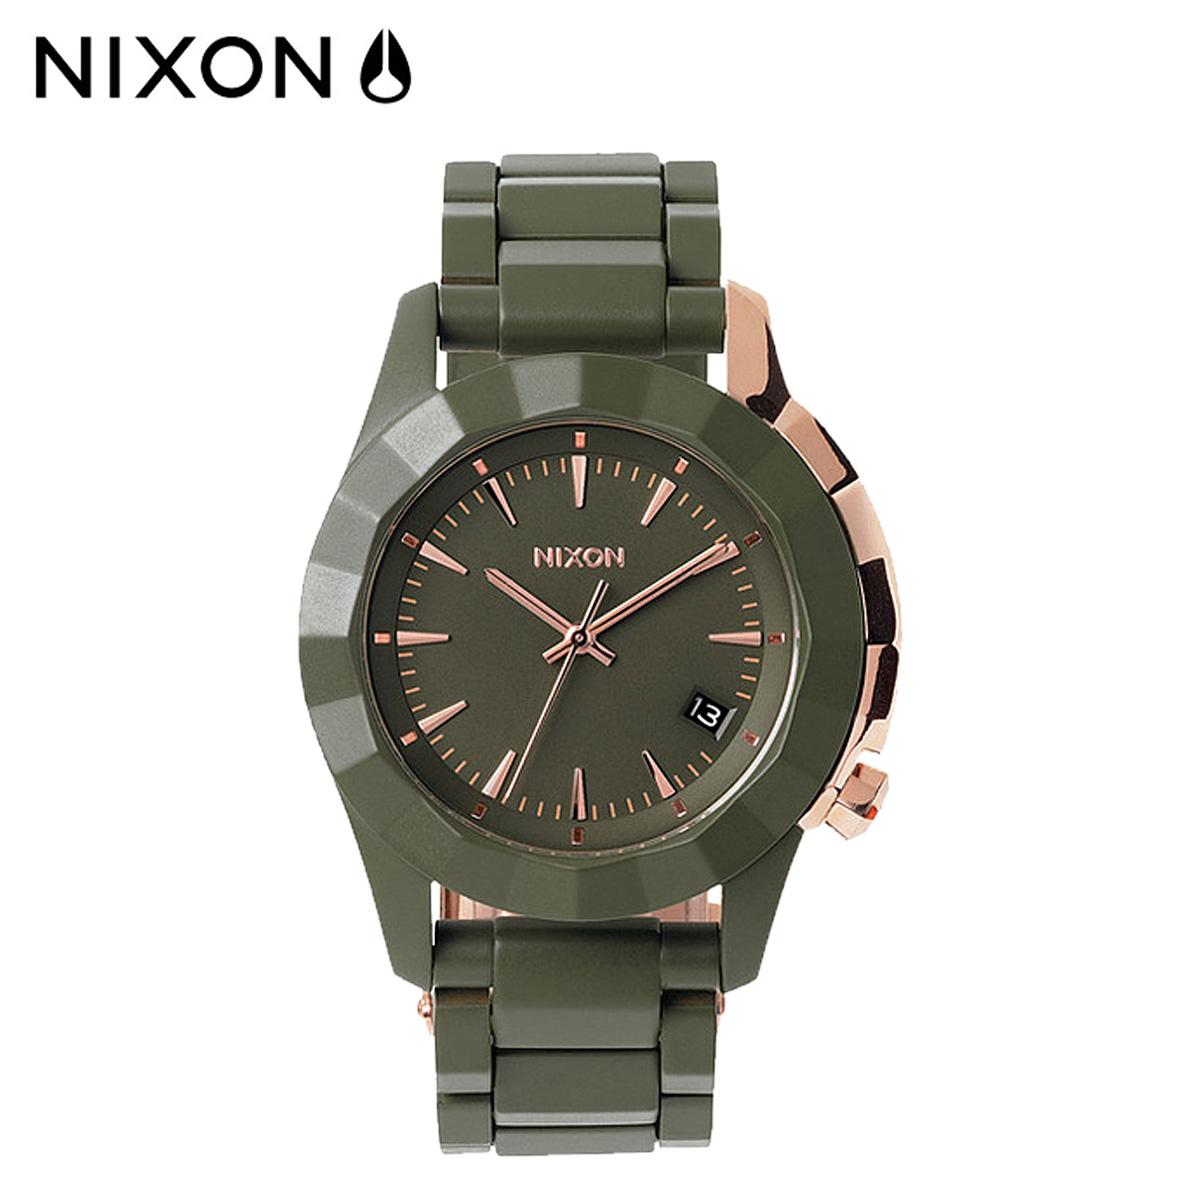 【最大2000円OFFクーポン】 ニクソン NIXON 腕時計 38mm ウォッチ 時計 A288 オールサープラス ローズゴールド MONARCH メンズ レディース